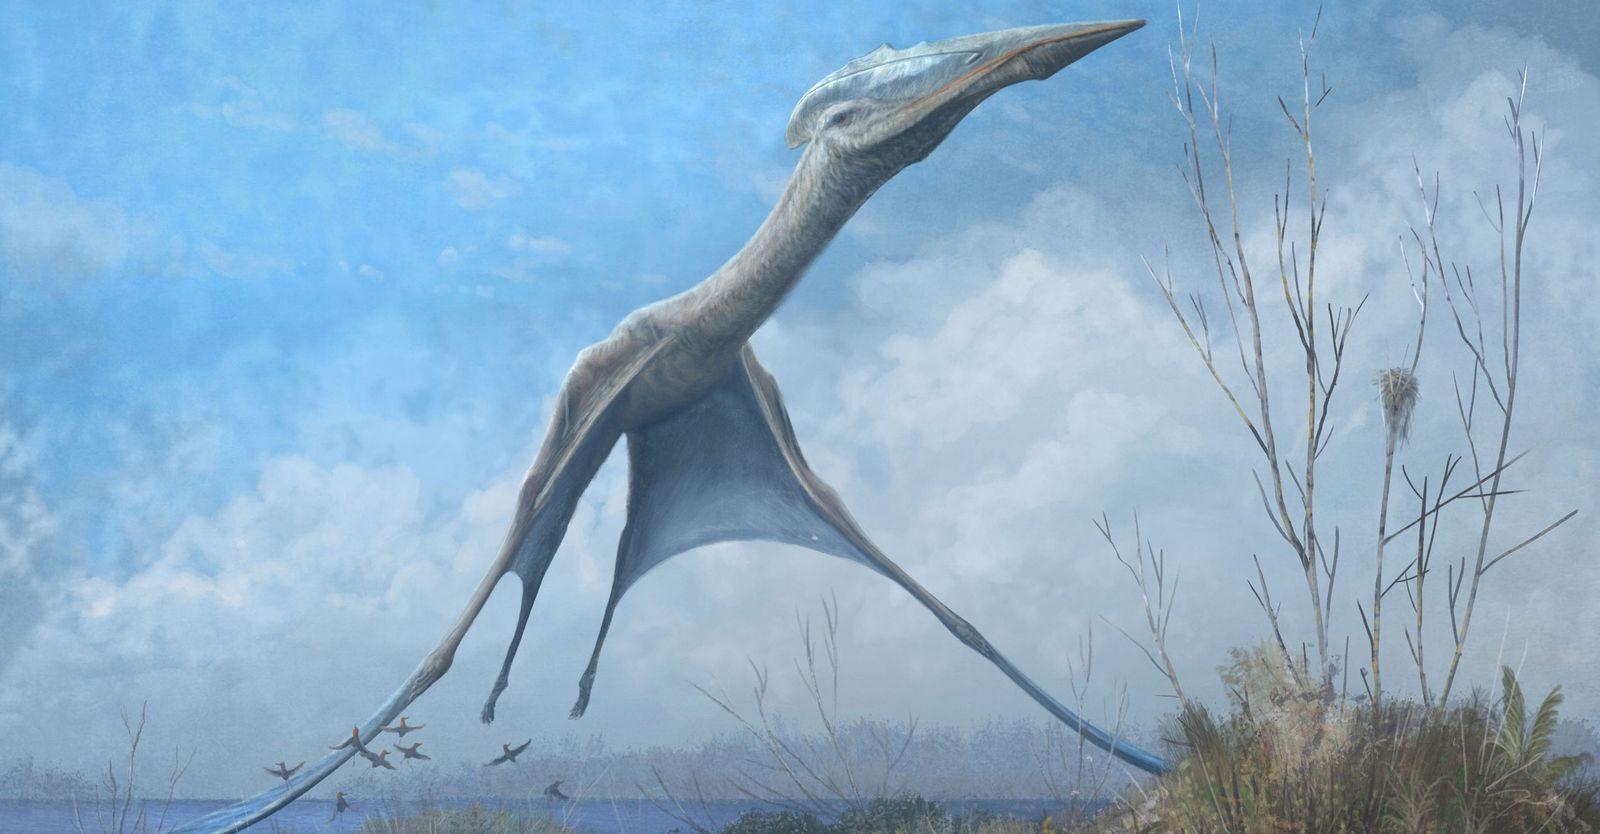 Imenso pterossauro antártico encontrado entre escombros do Museu Nacional